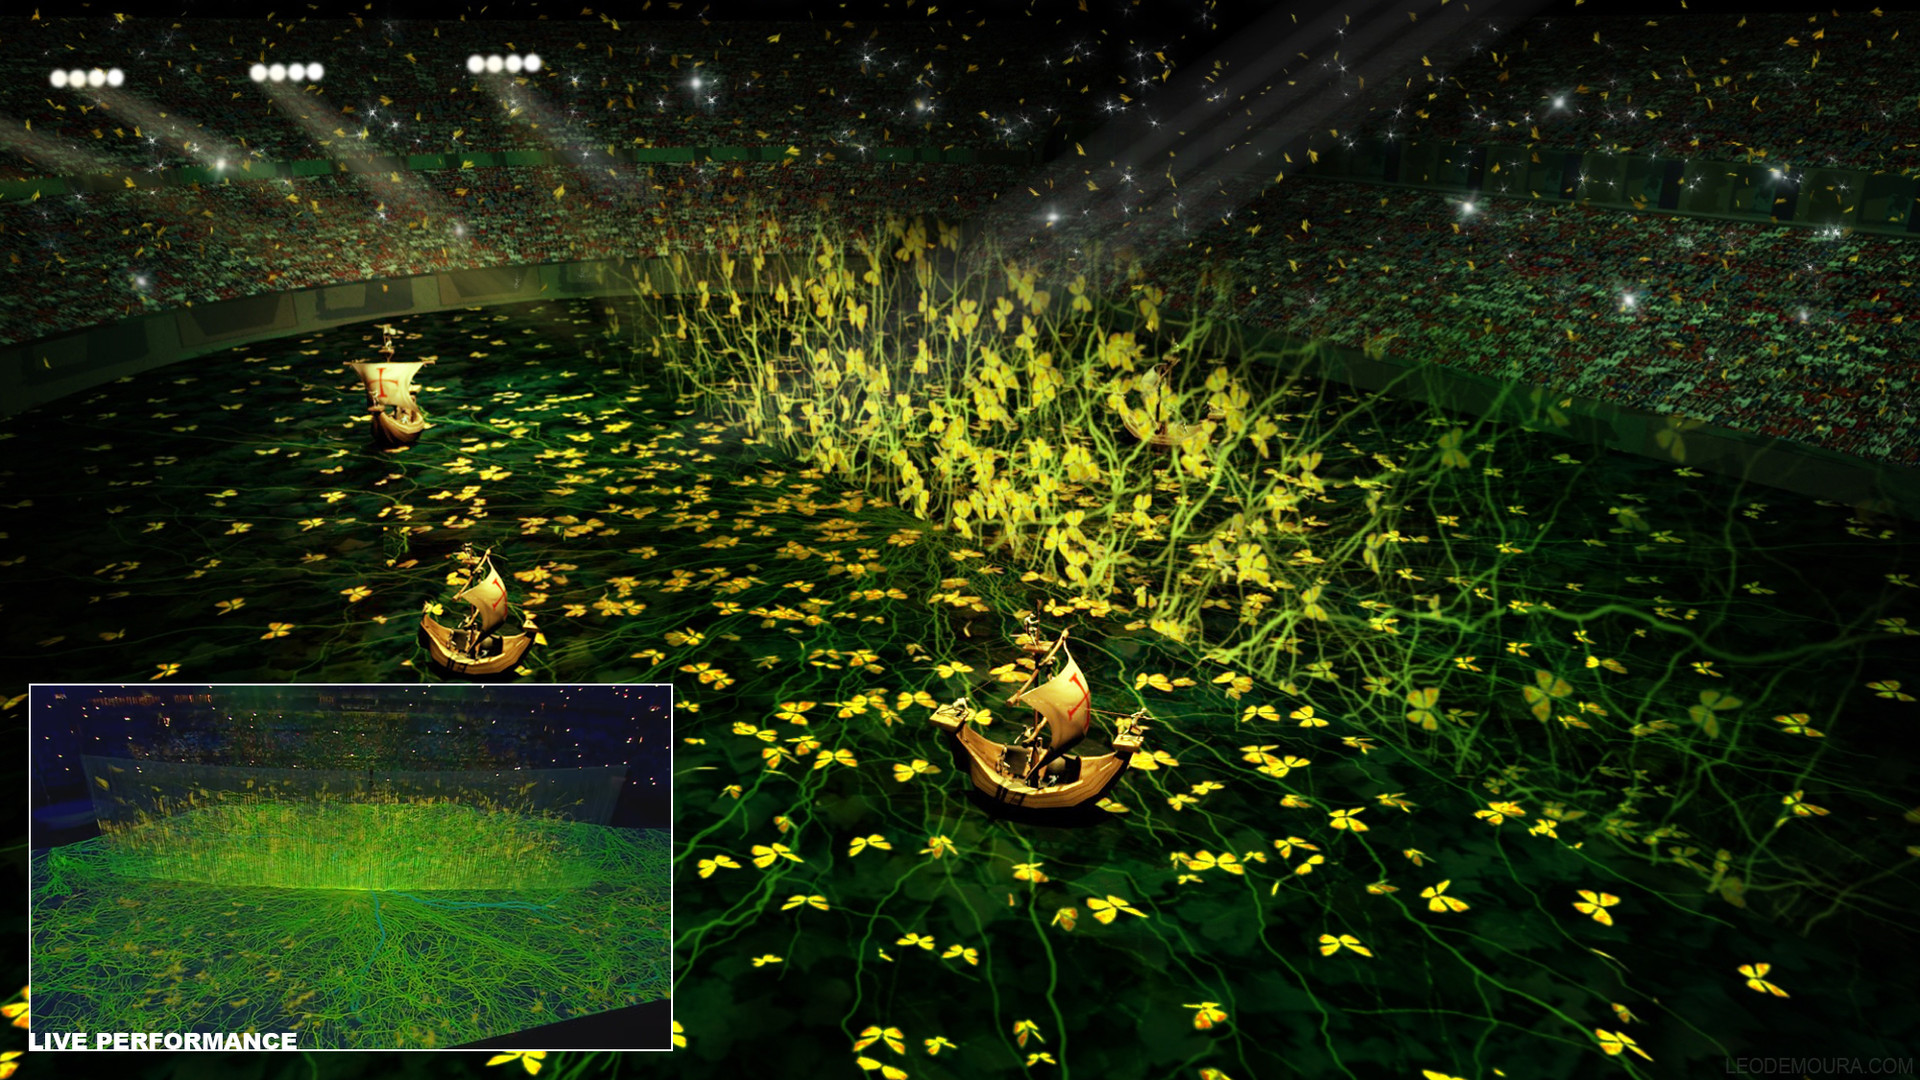 Leonardo de moura 05 inicio da natureza borboletas